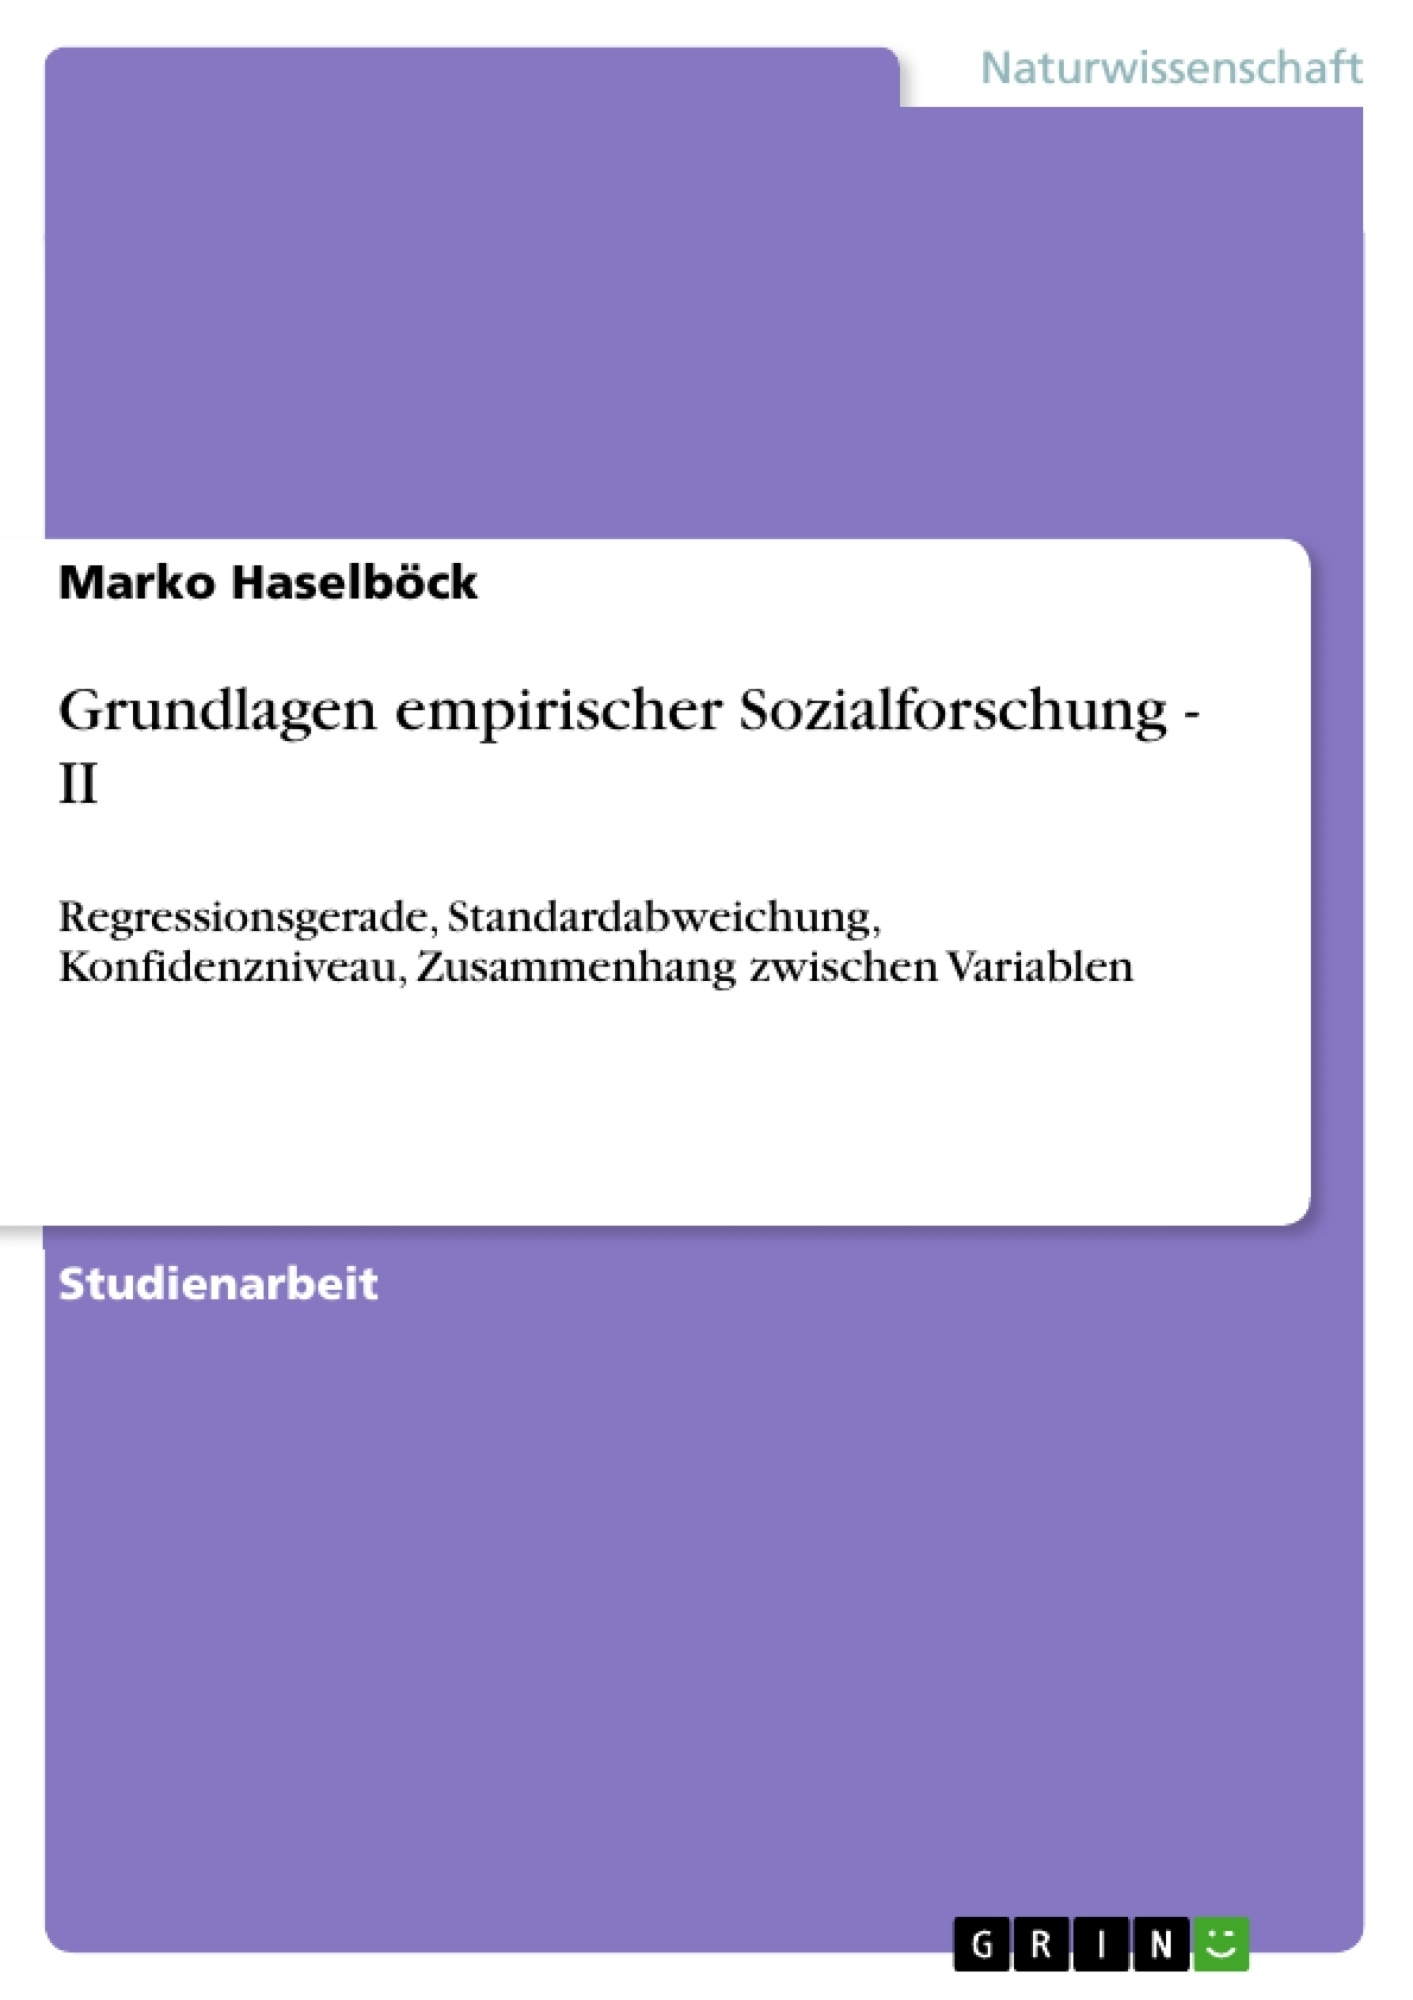 Titel: Grundlagen empirischer Sozialforschung - II